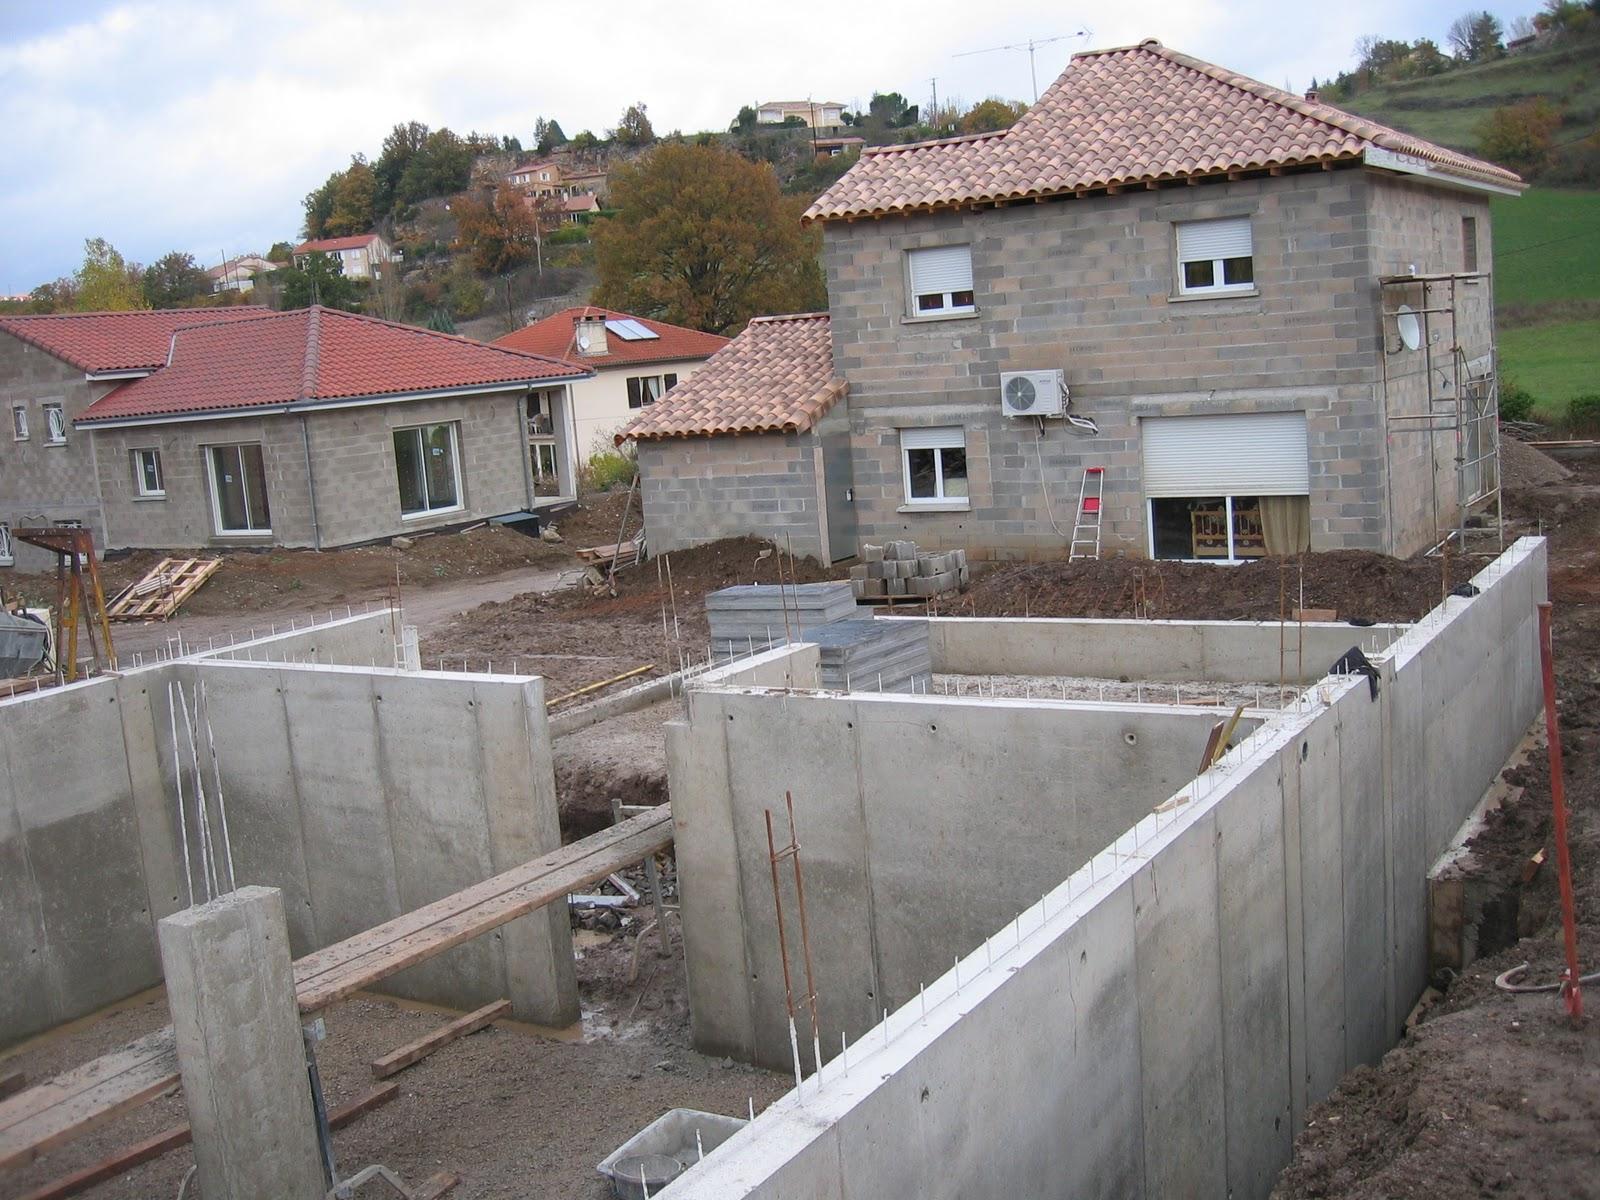 Notre maison en construction creissels b ton banch for Maison en beton banche